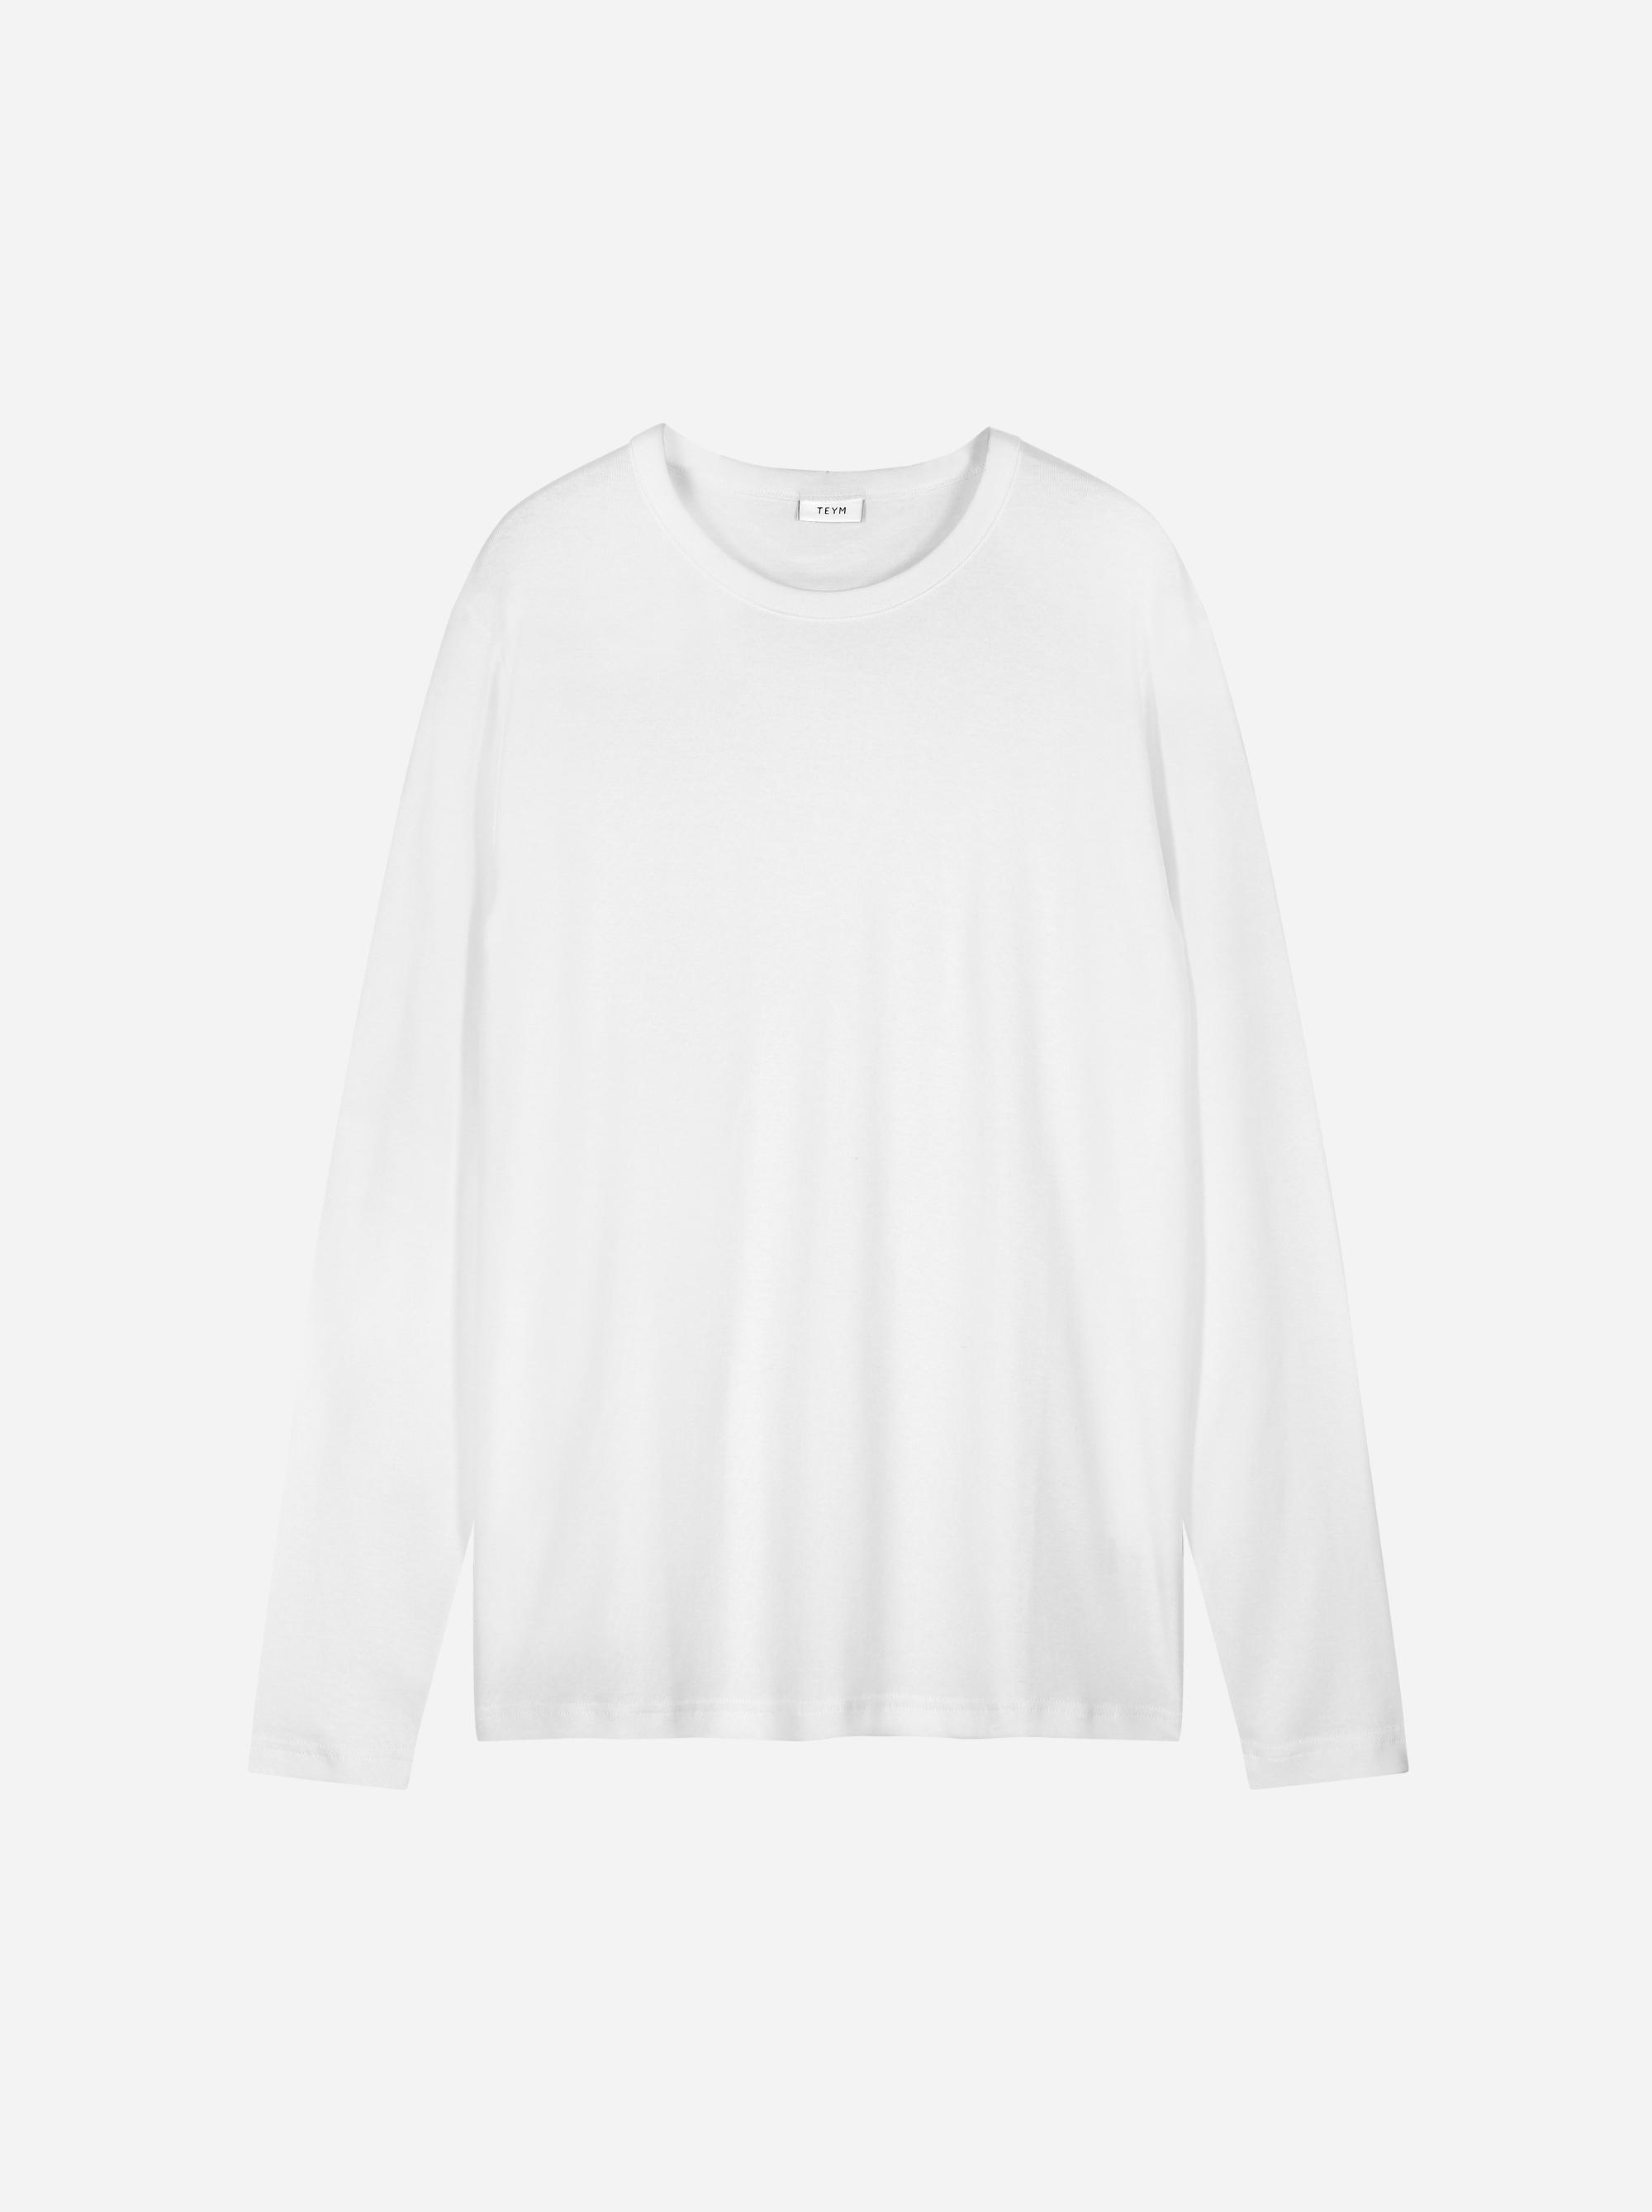 Teym - The-T-Shirt - Longsleeve - Men - White - 4